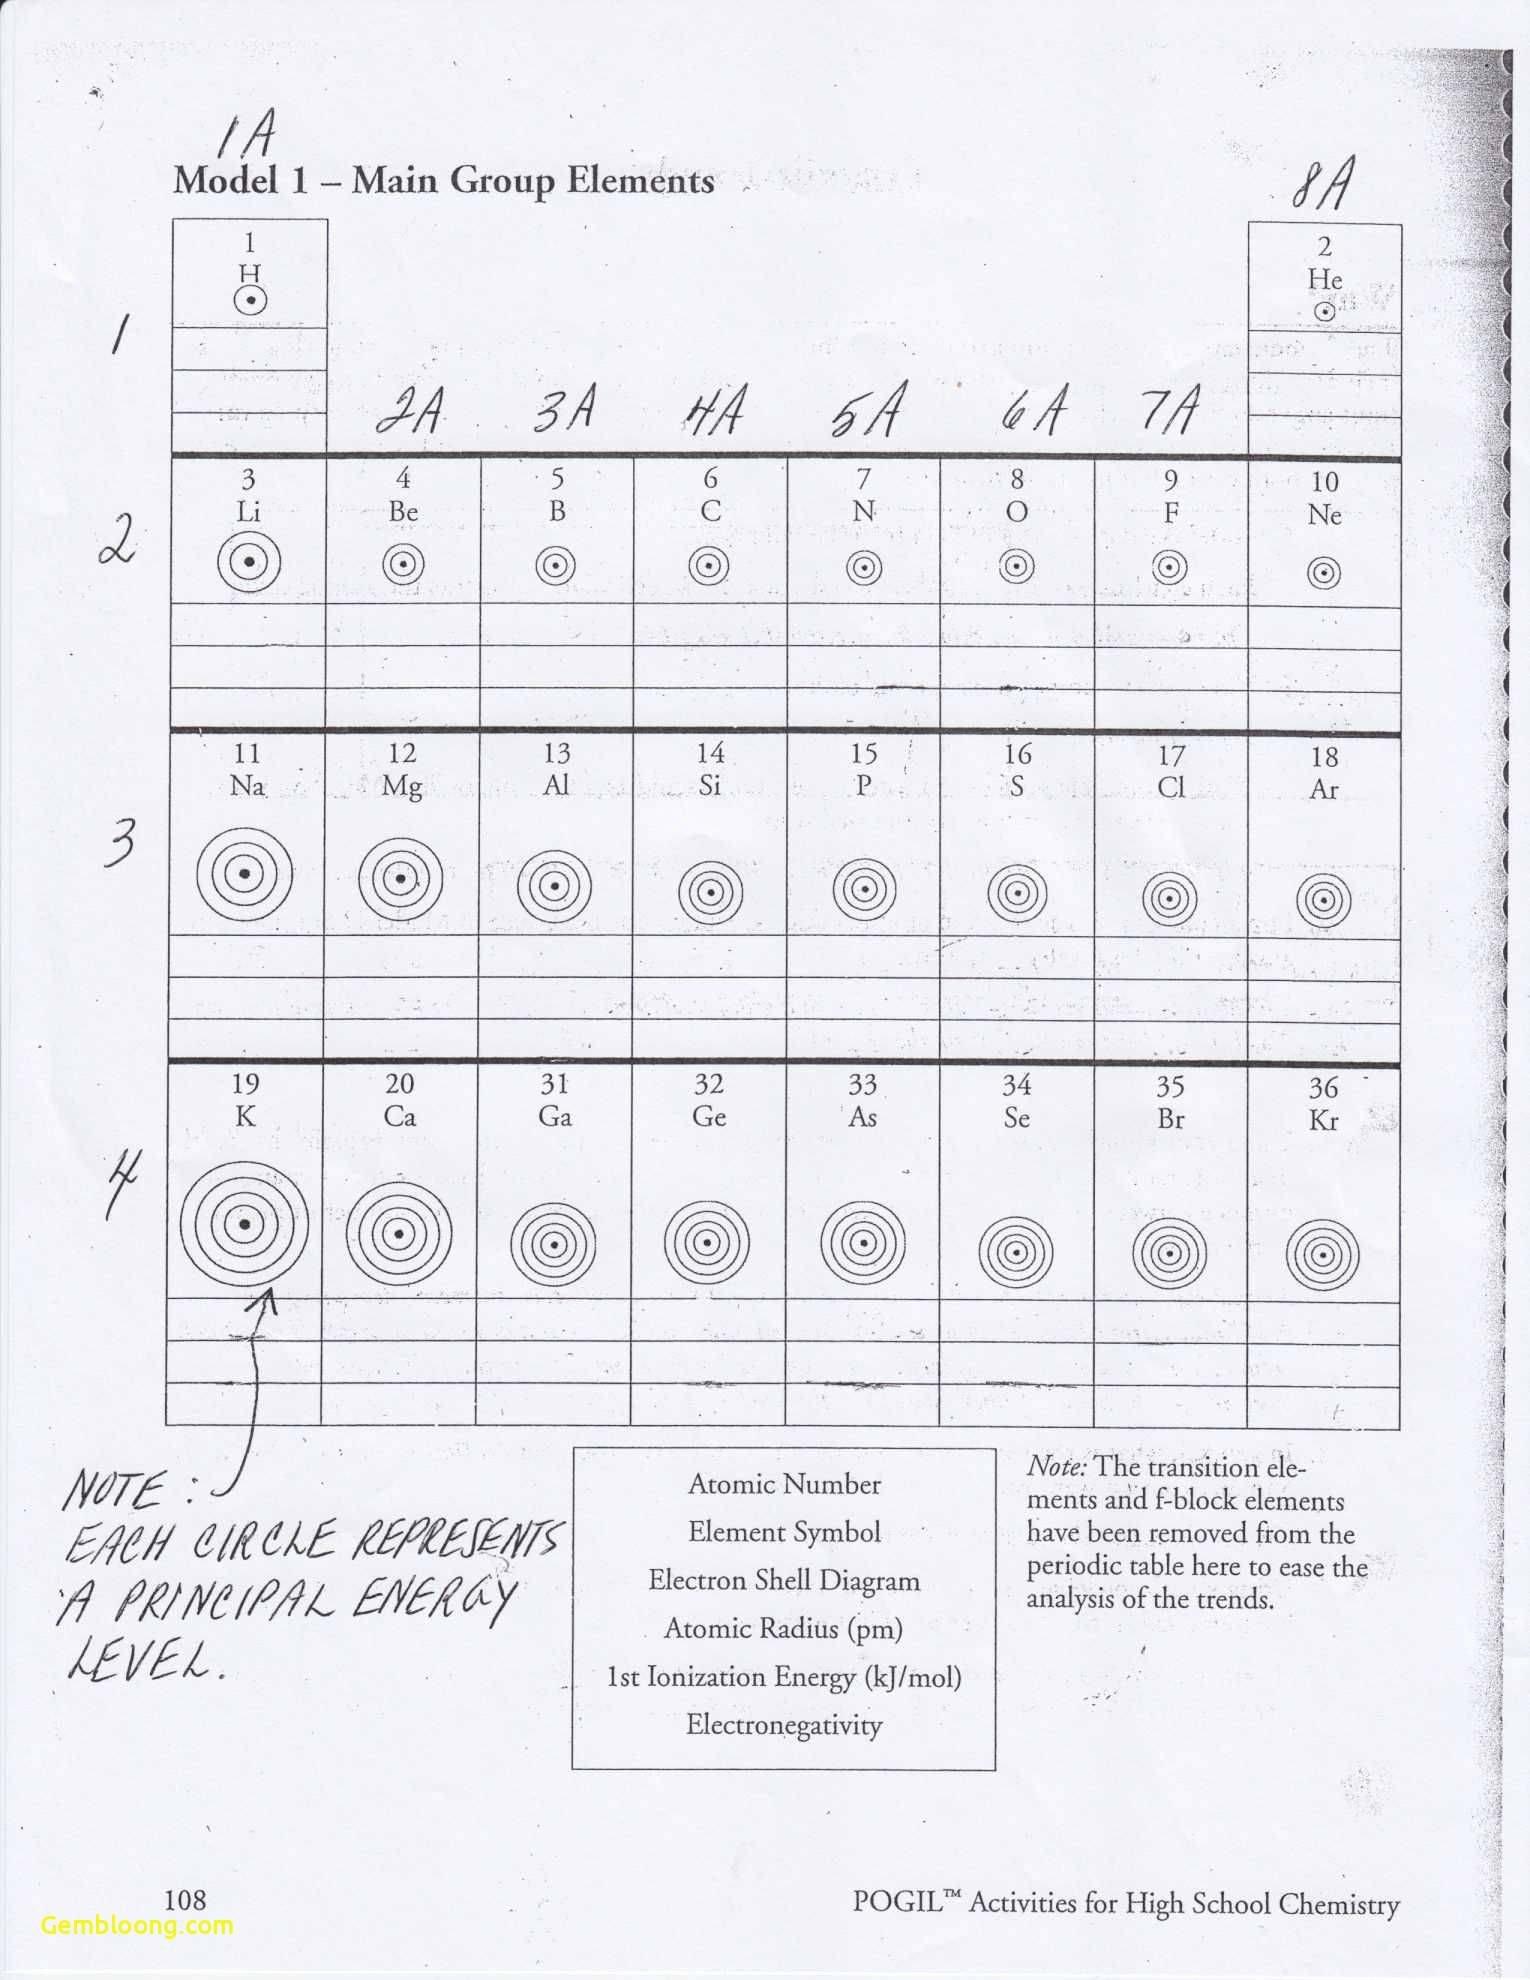 Simplifying Radicals Worksheet Answer Key Awesome Radicals Worksheet with Answers Cramerforcongress